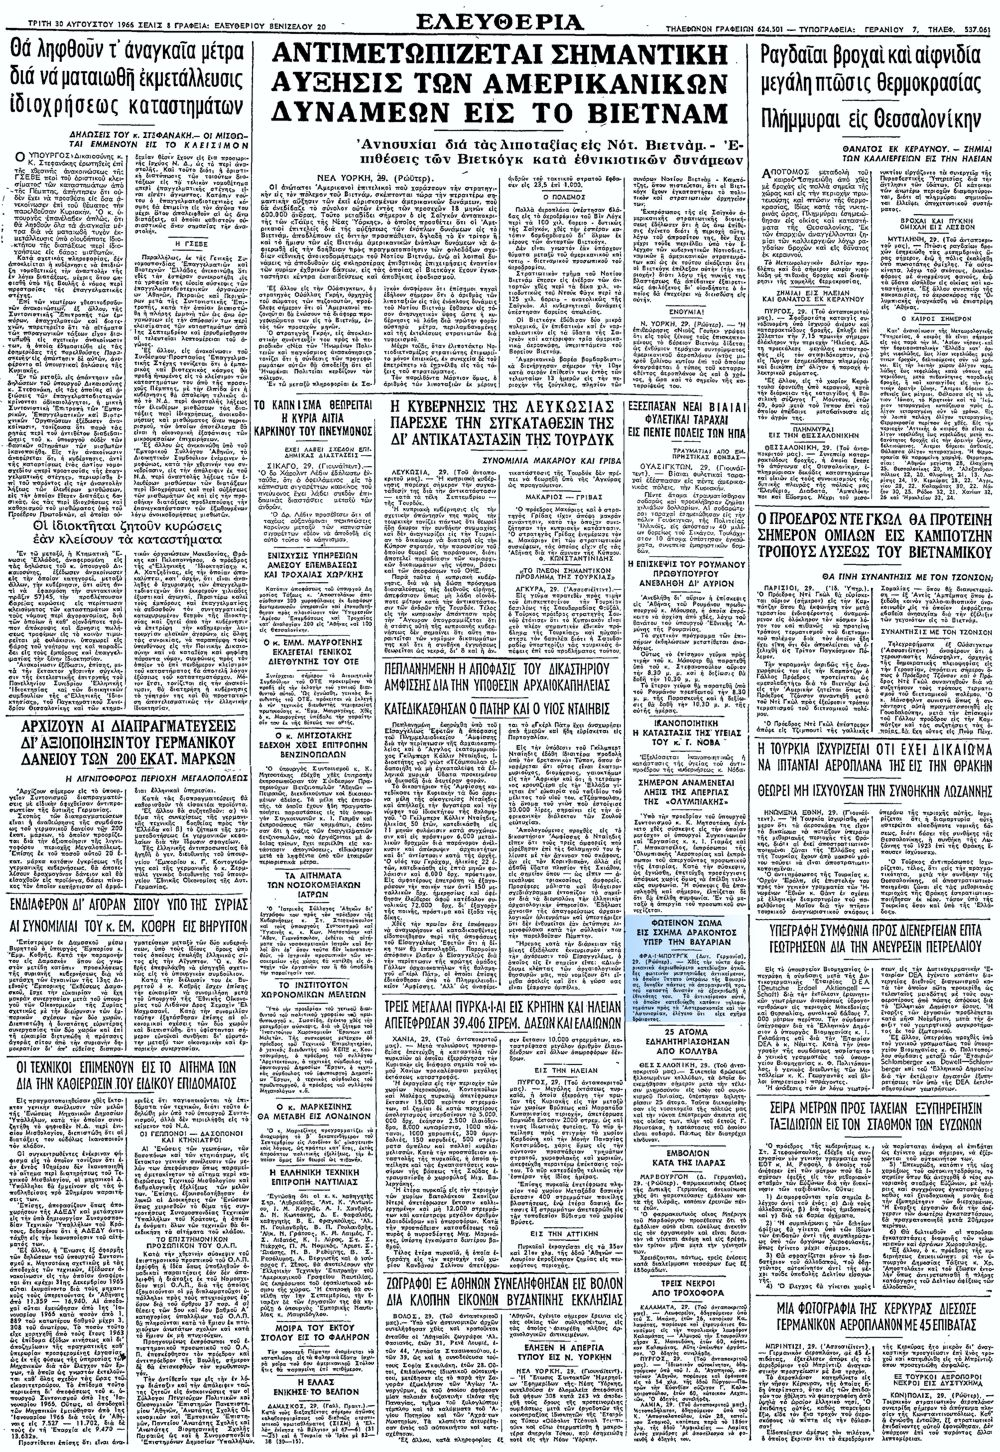 """Το άρθρο, όπως δημοσιεύθηκε στην εφημερίδα """"ΕΛΕΥΘΕΡΙΑ"""", στις 30/08/1966"""